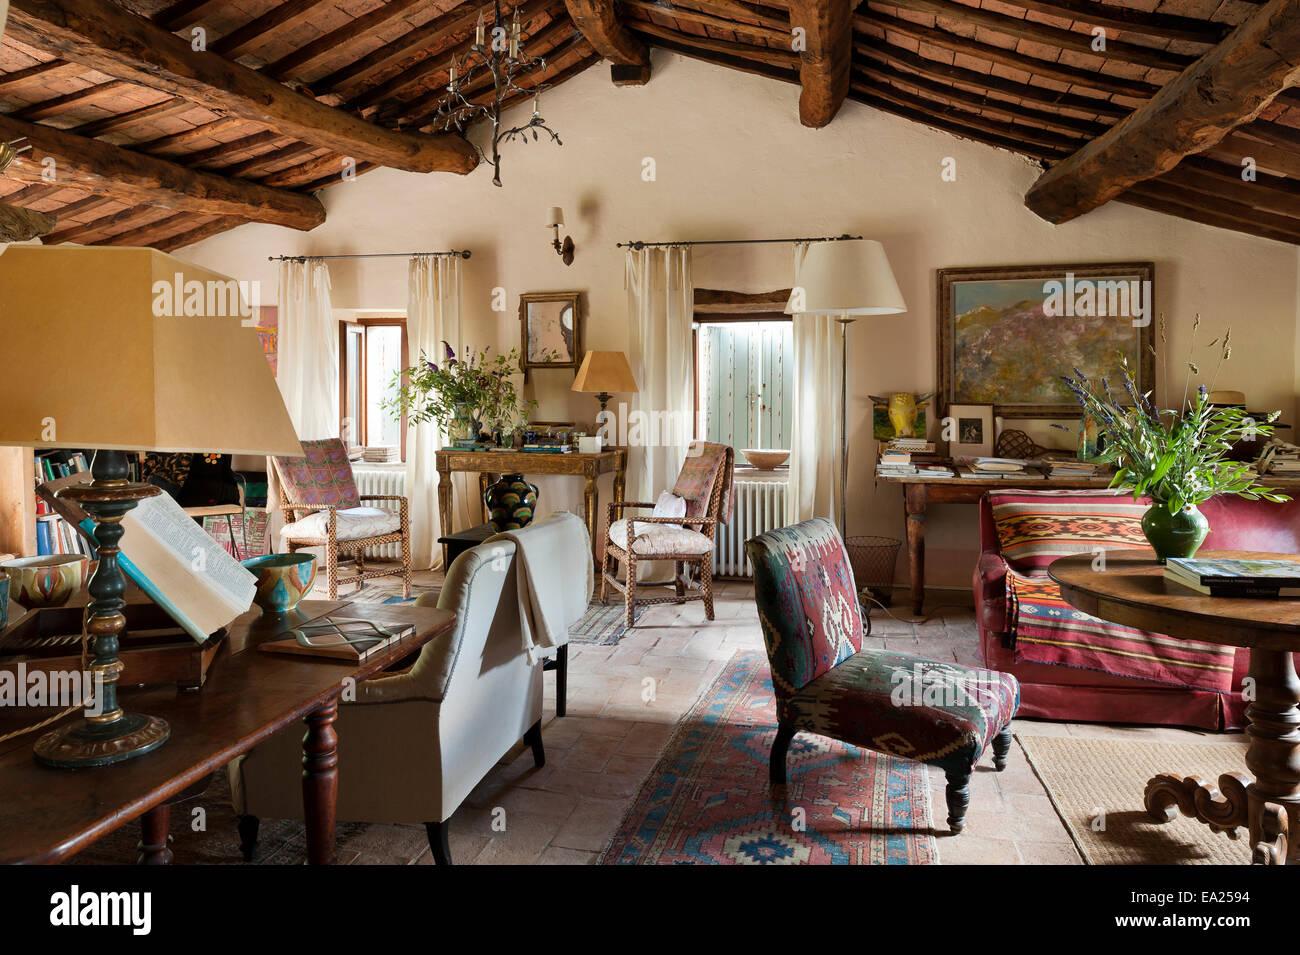 Vieille Chaise Recouverts De Tissu Tapis Turc En Plan Ouvert Salon Avec  Plafond à Poutres Apparentes